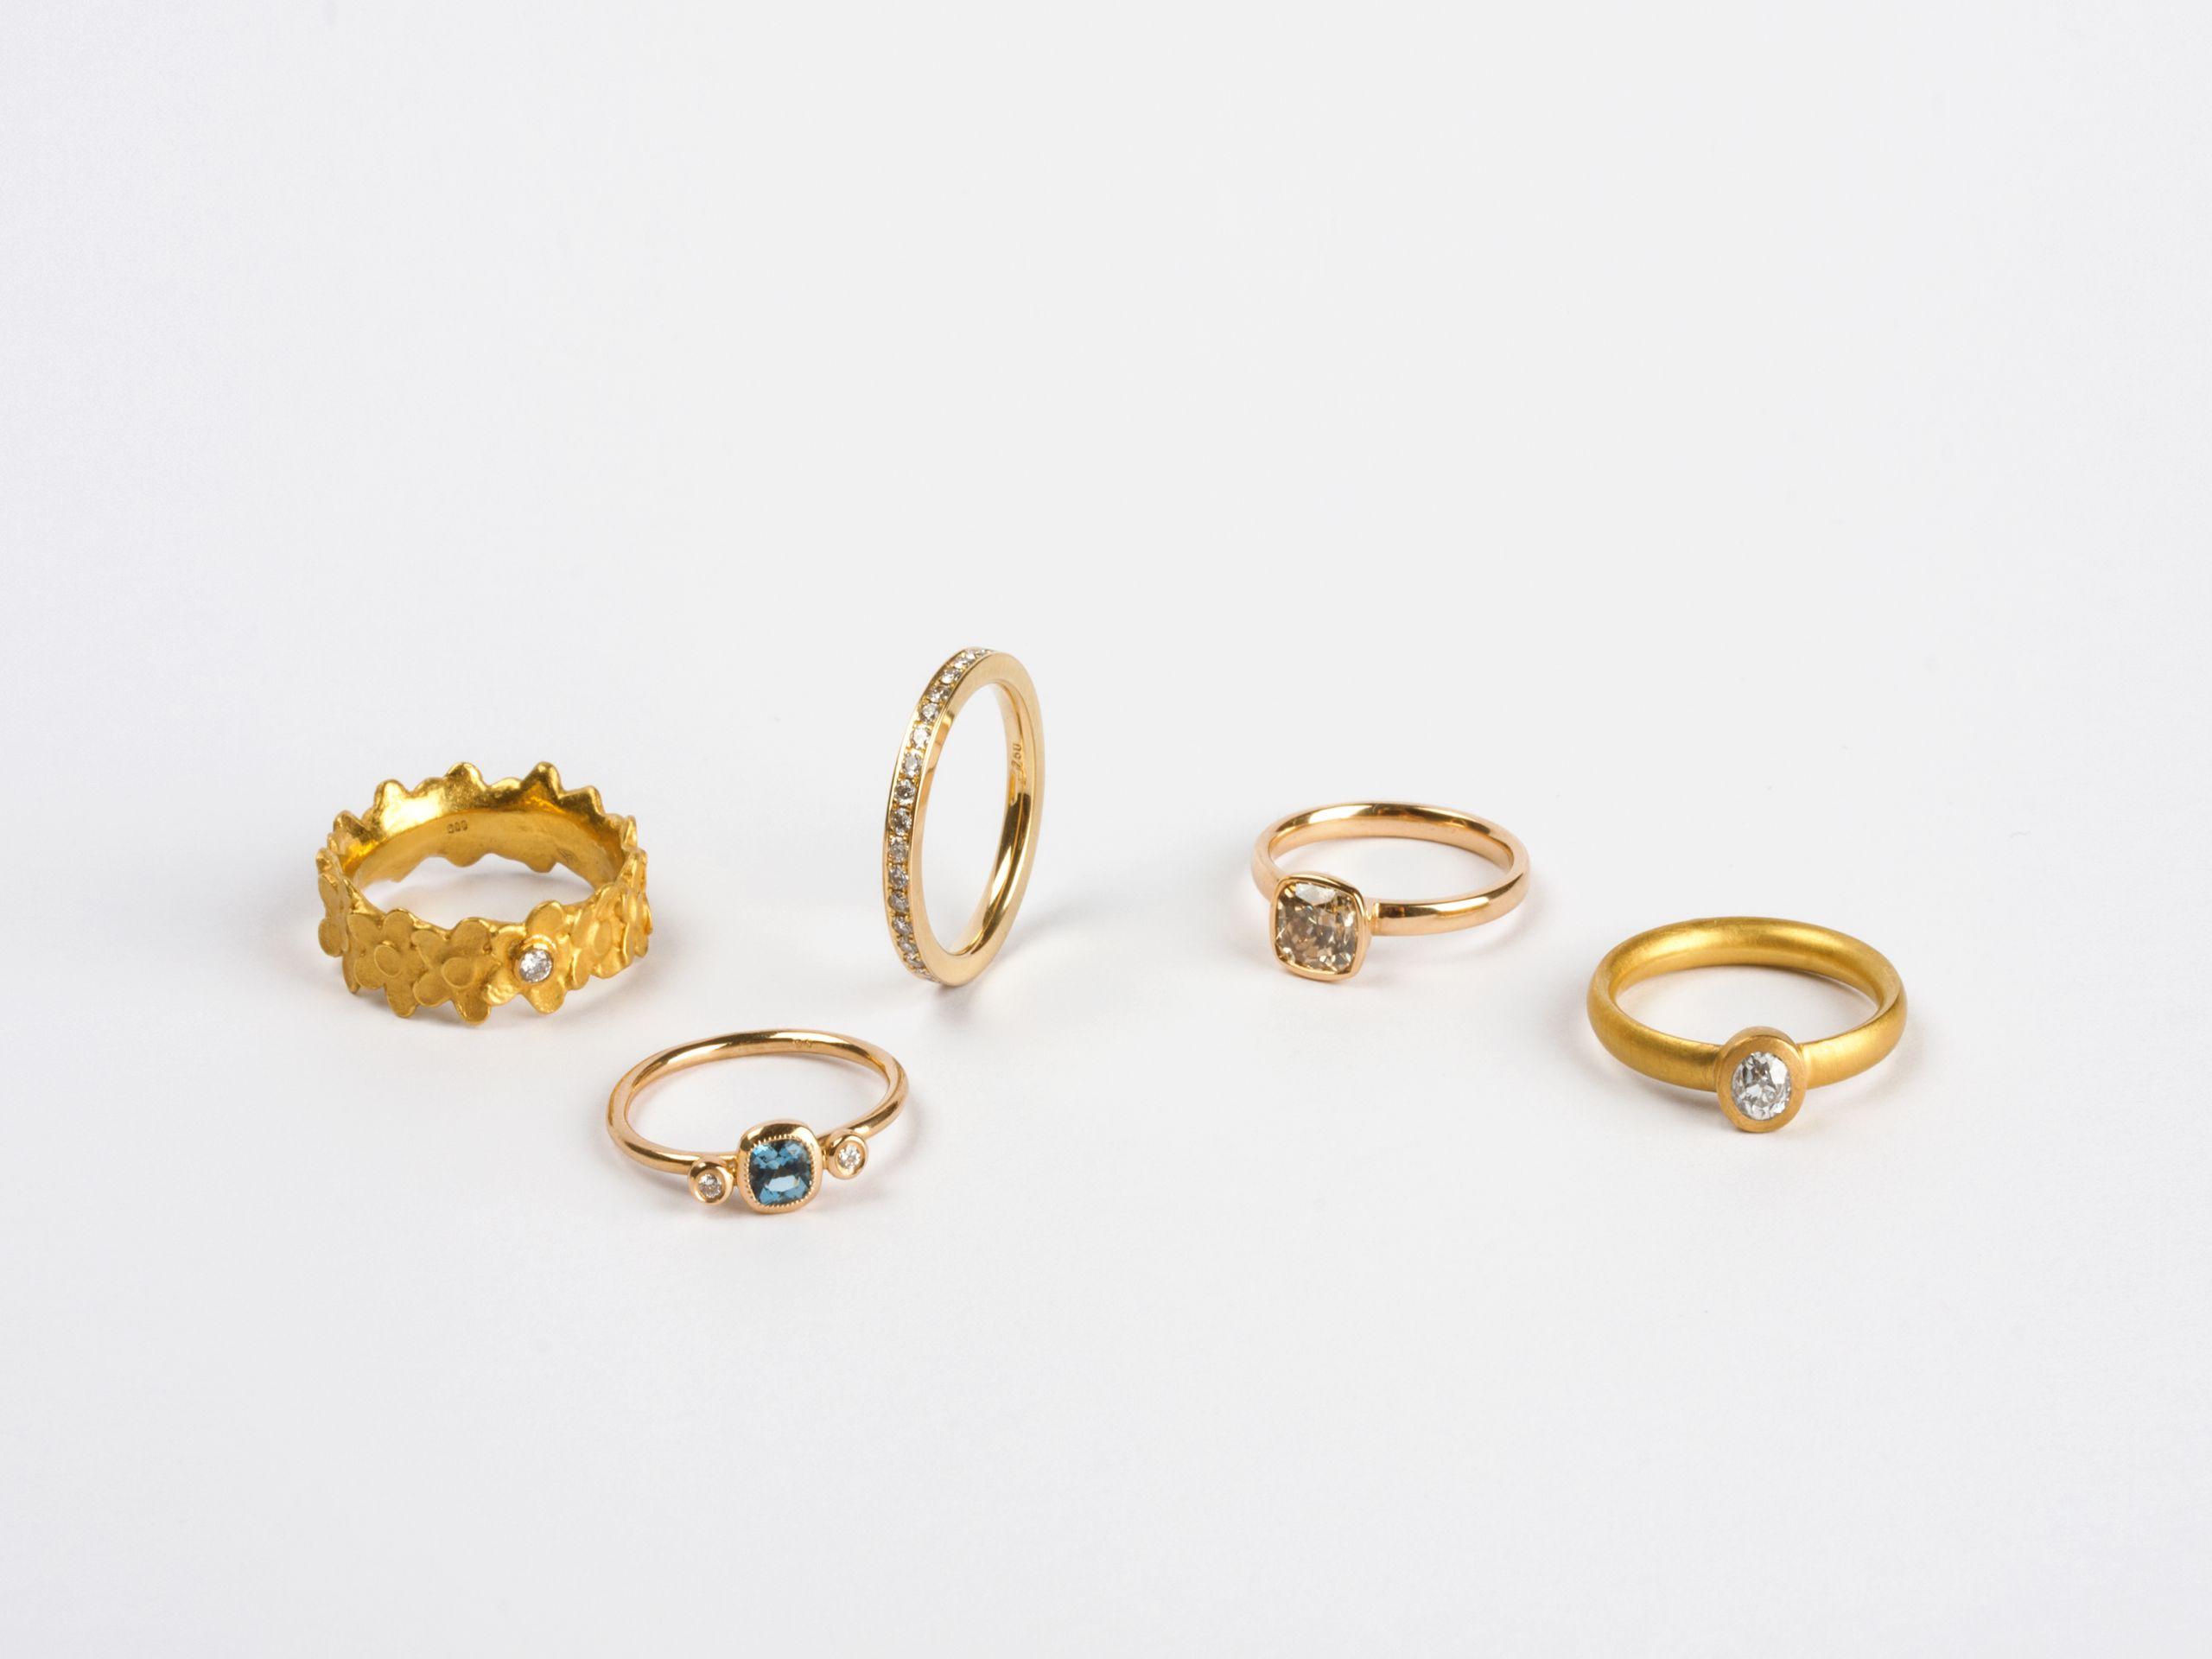 Ringe-Gelbgold-Steine-Ehering-Verlobungsring